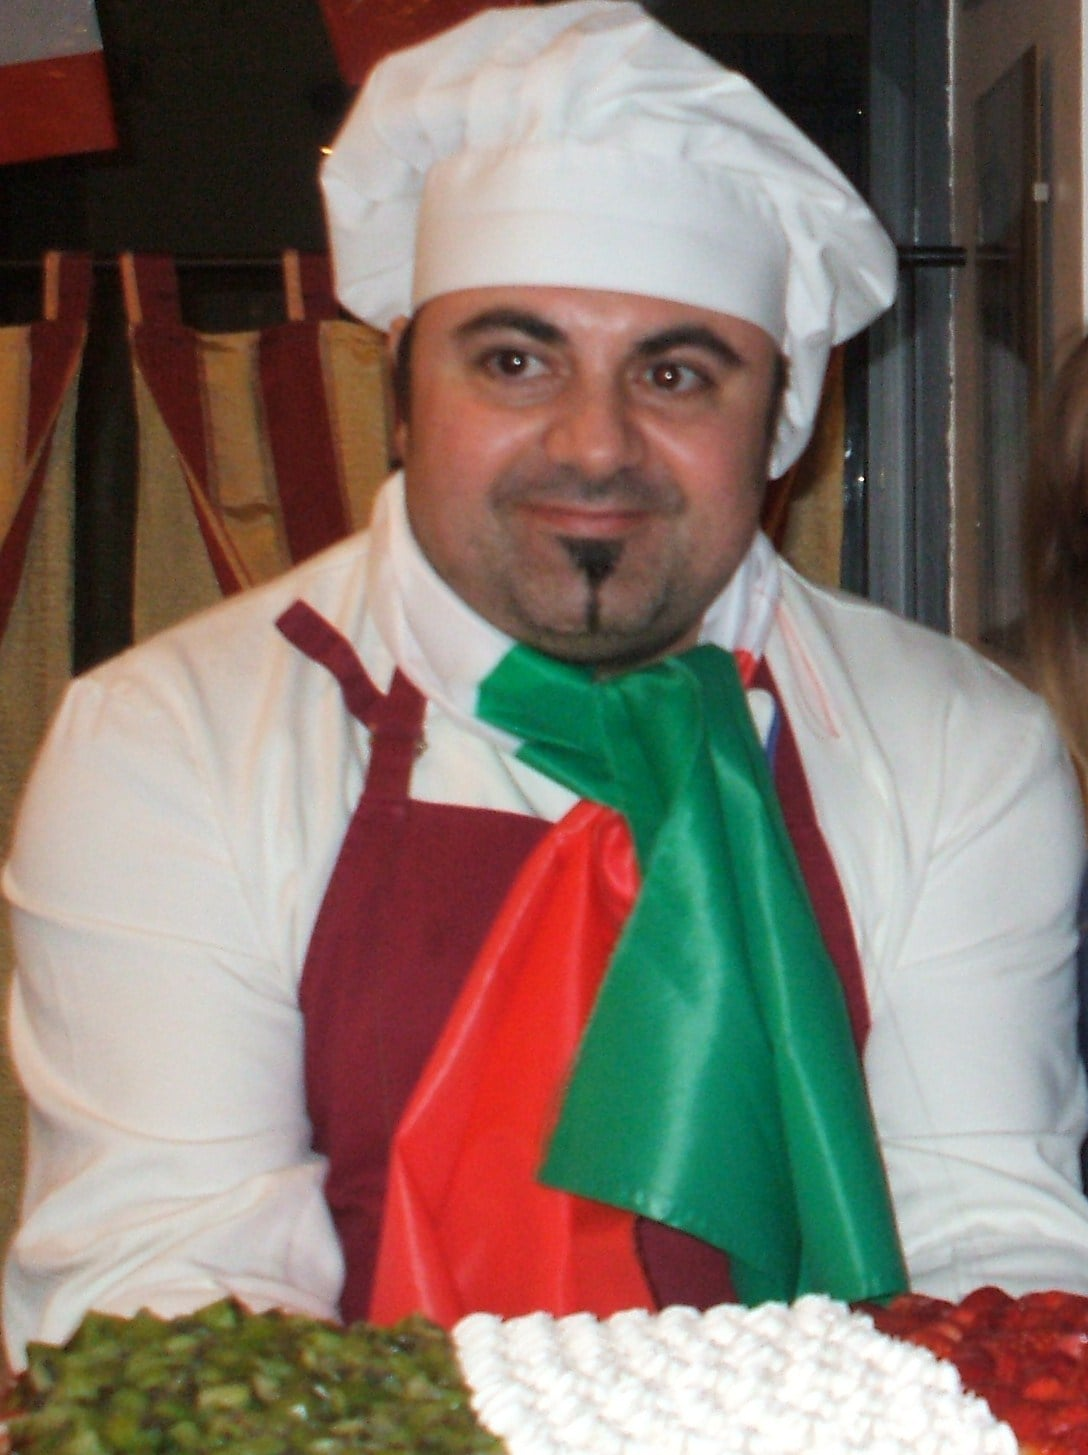 I Migliori 29 Corsi Di Cucina A Asti Con Preventivi Gratuiti